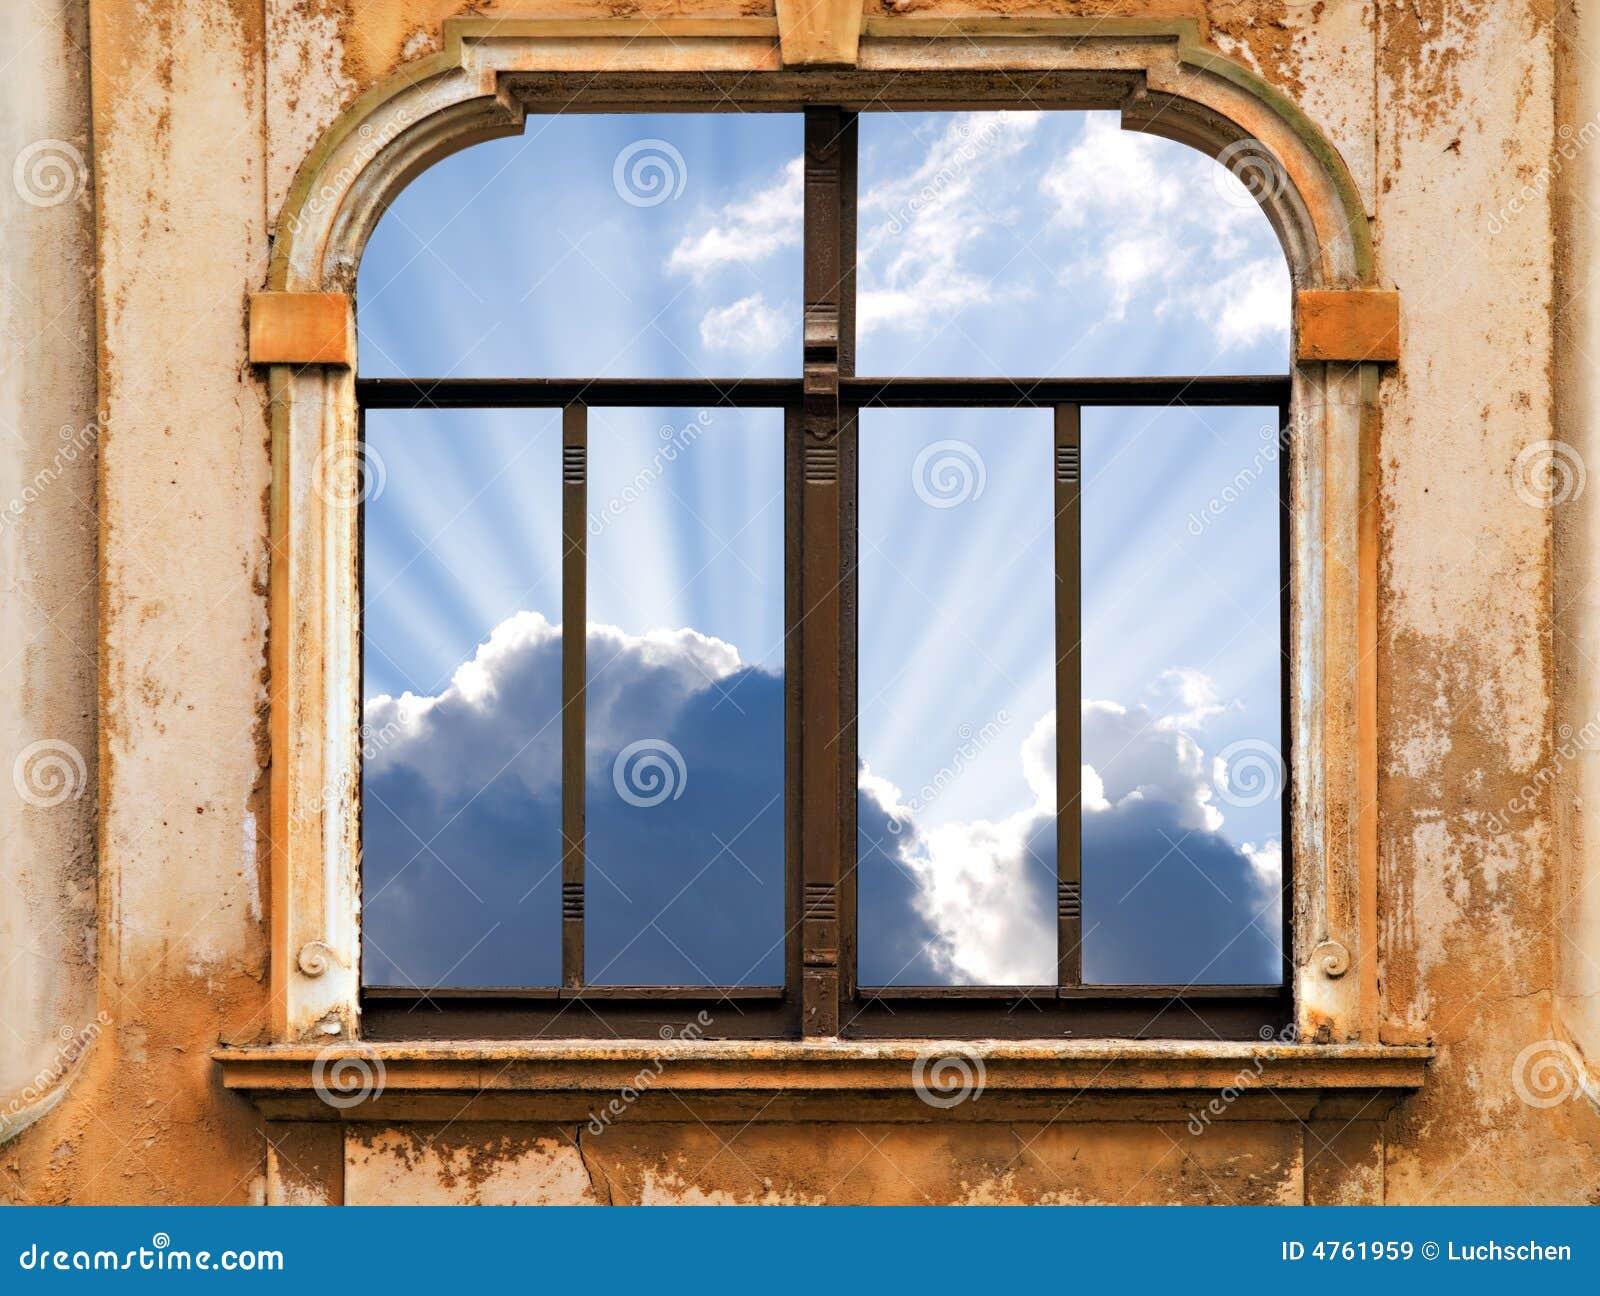 Sky in Window